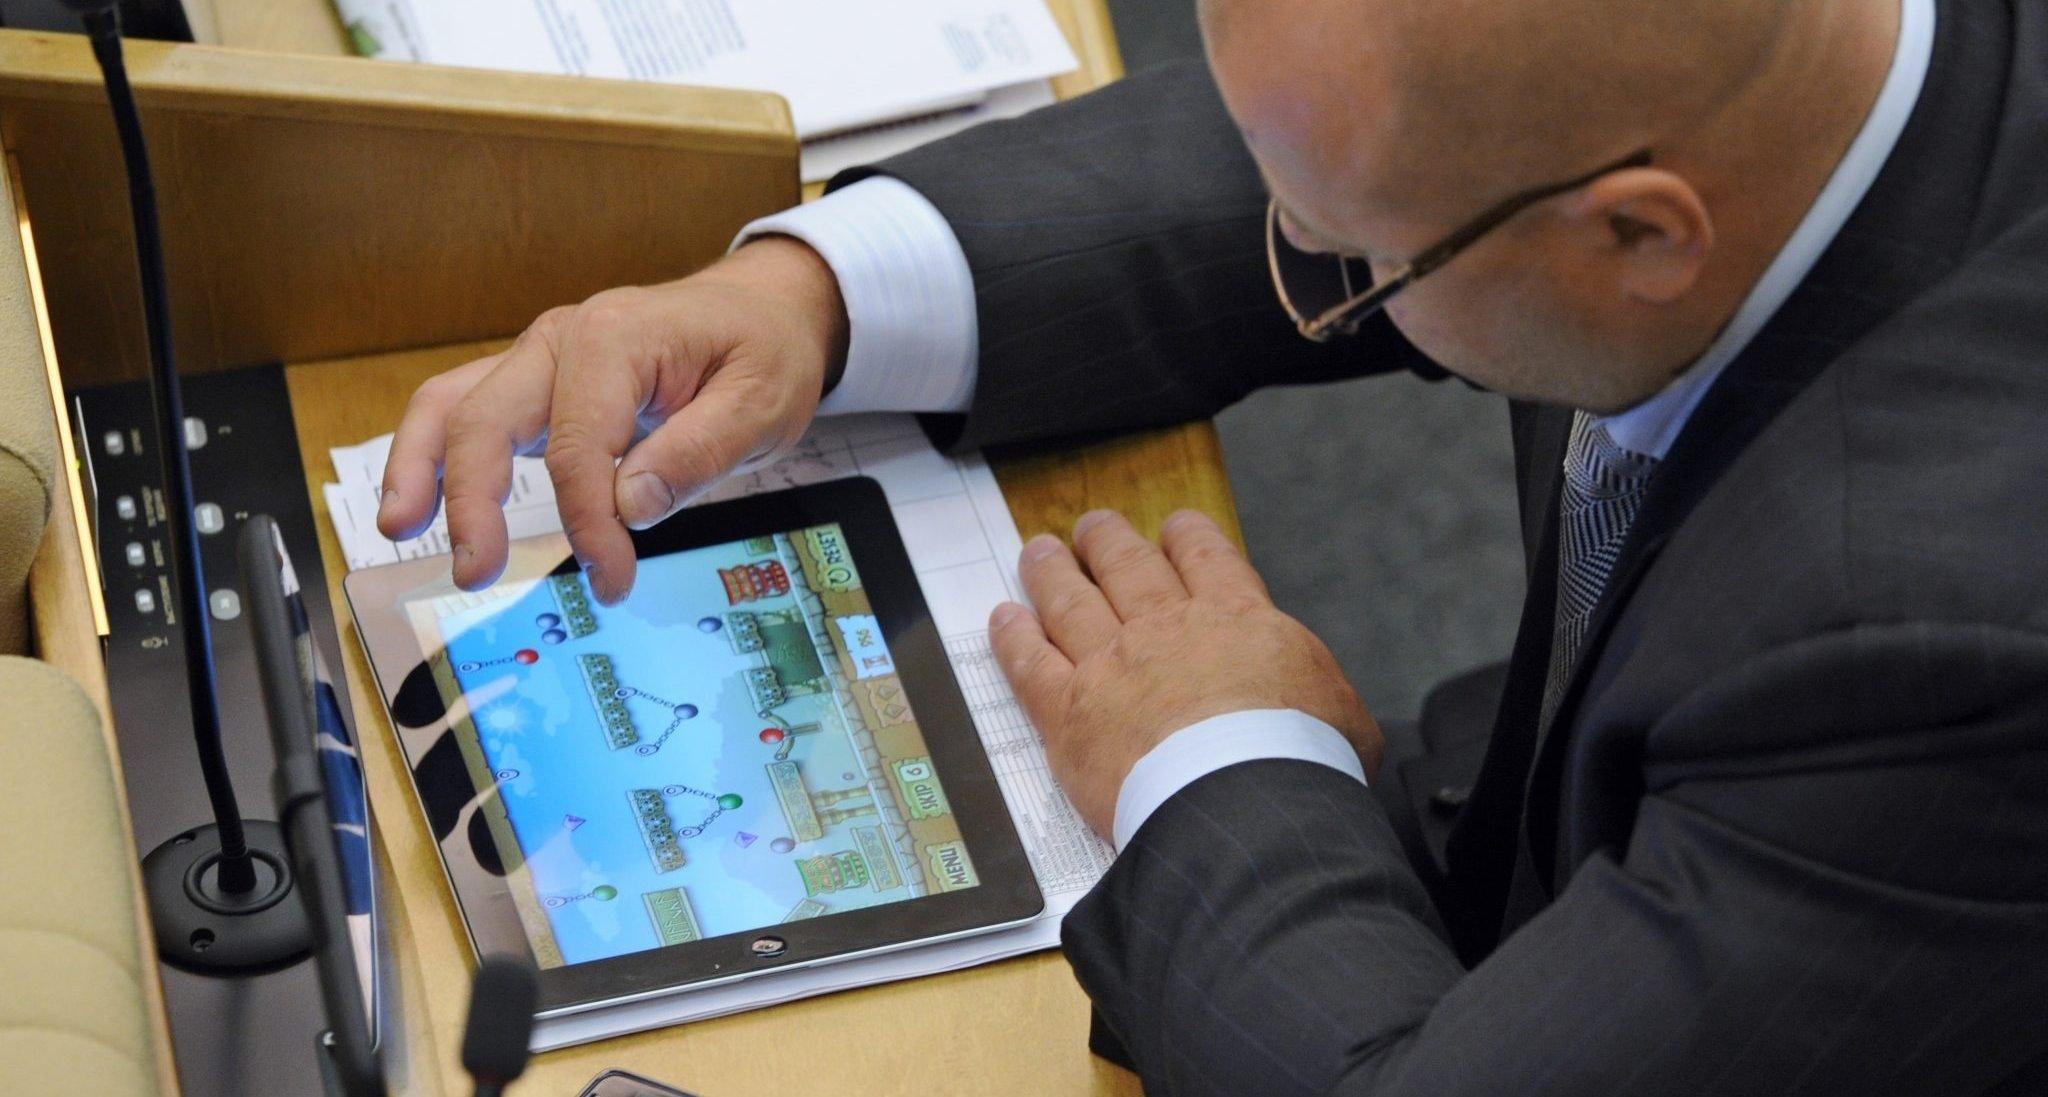 Госдума-поддерживает-налог-на-Гугл - копия